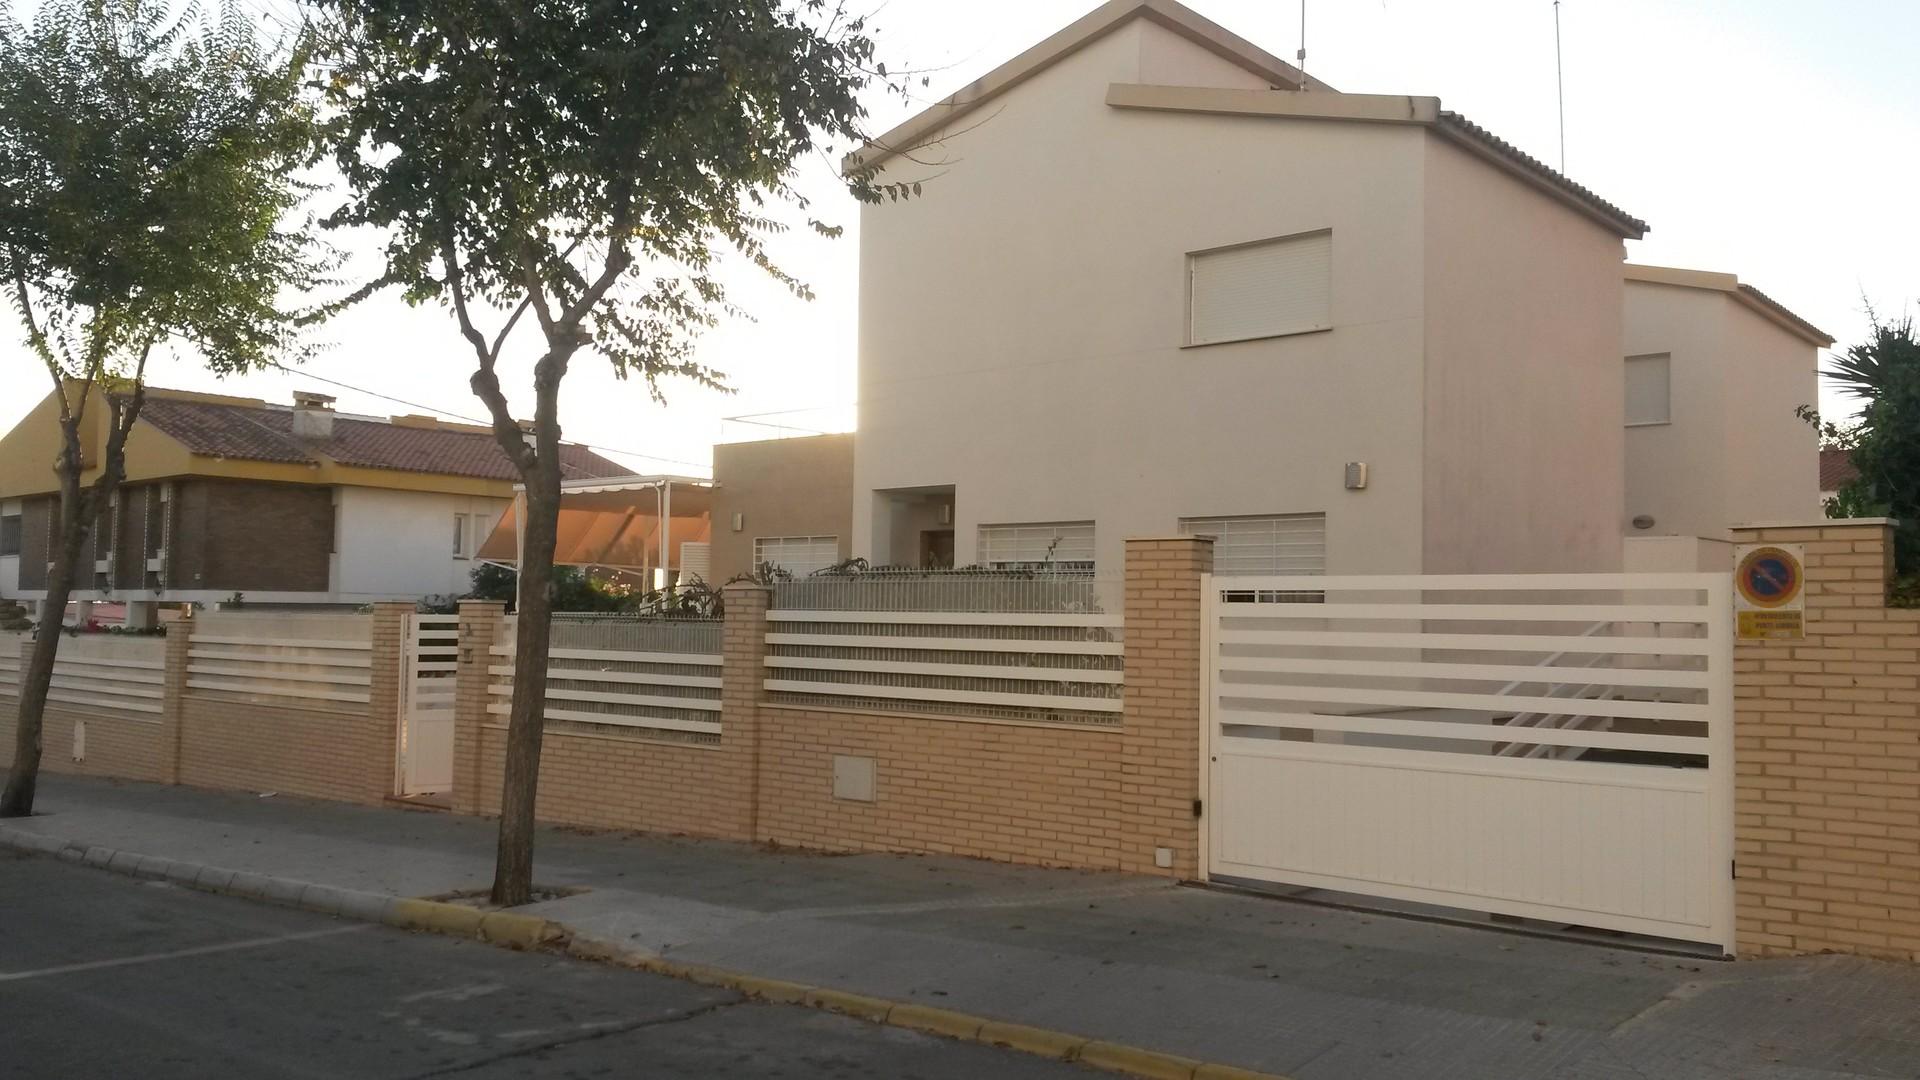 chalet-de-cuatro-dormitorios-2a575e012665676ed766ed2c9b9448e0